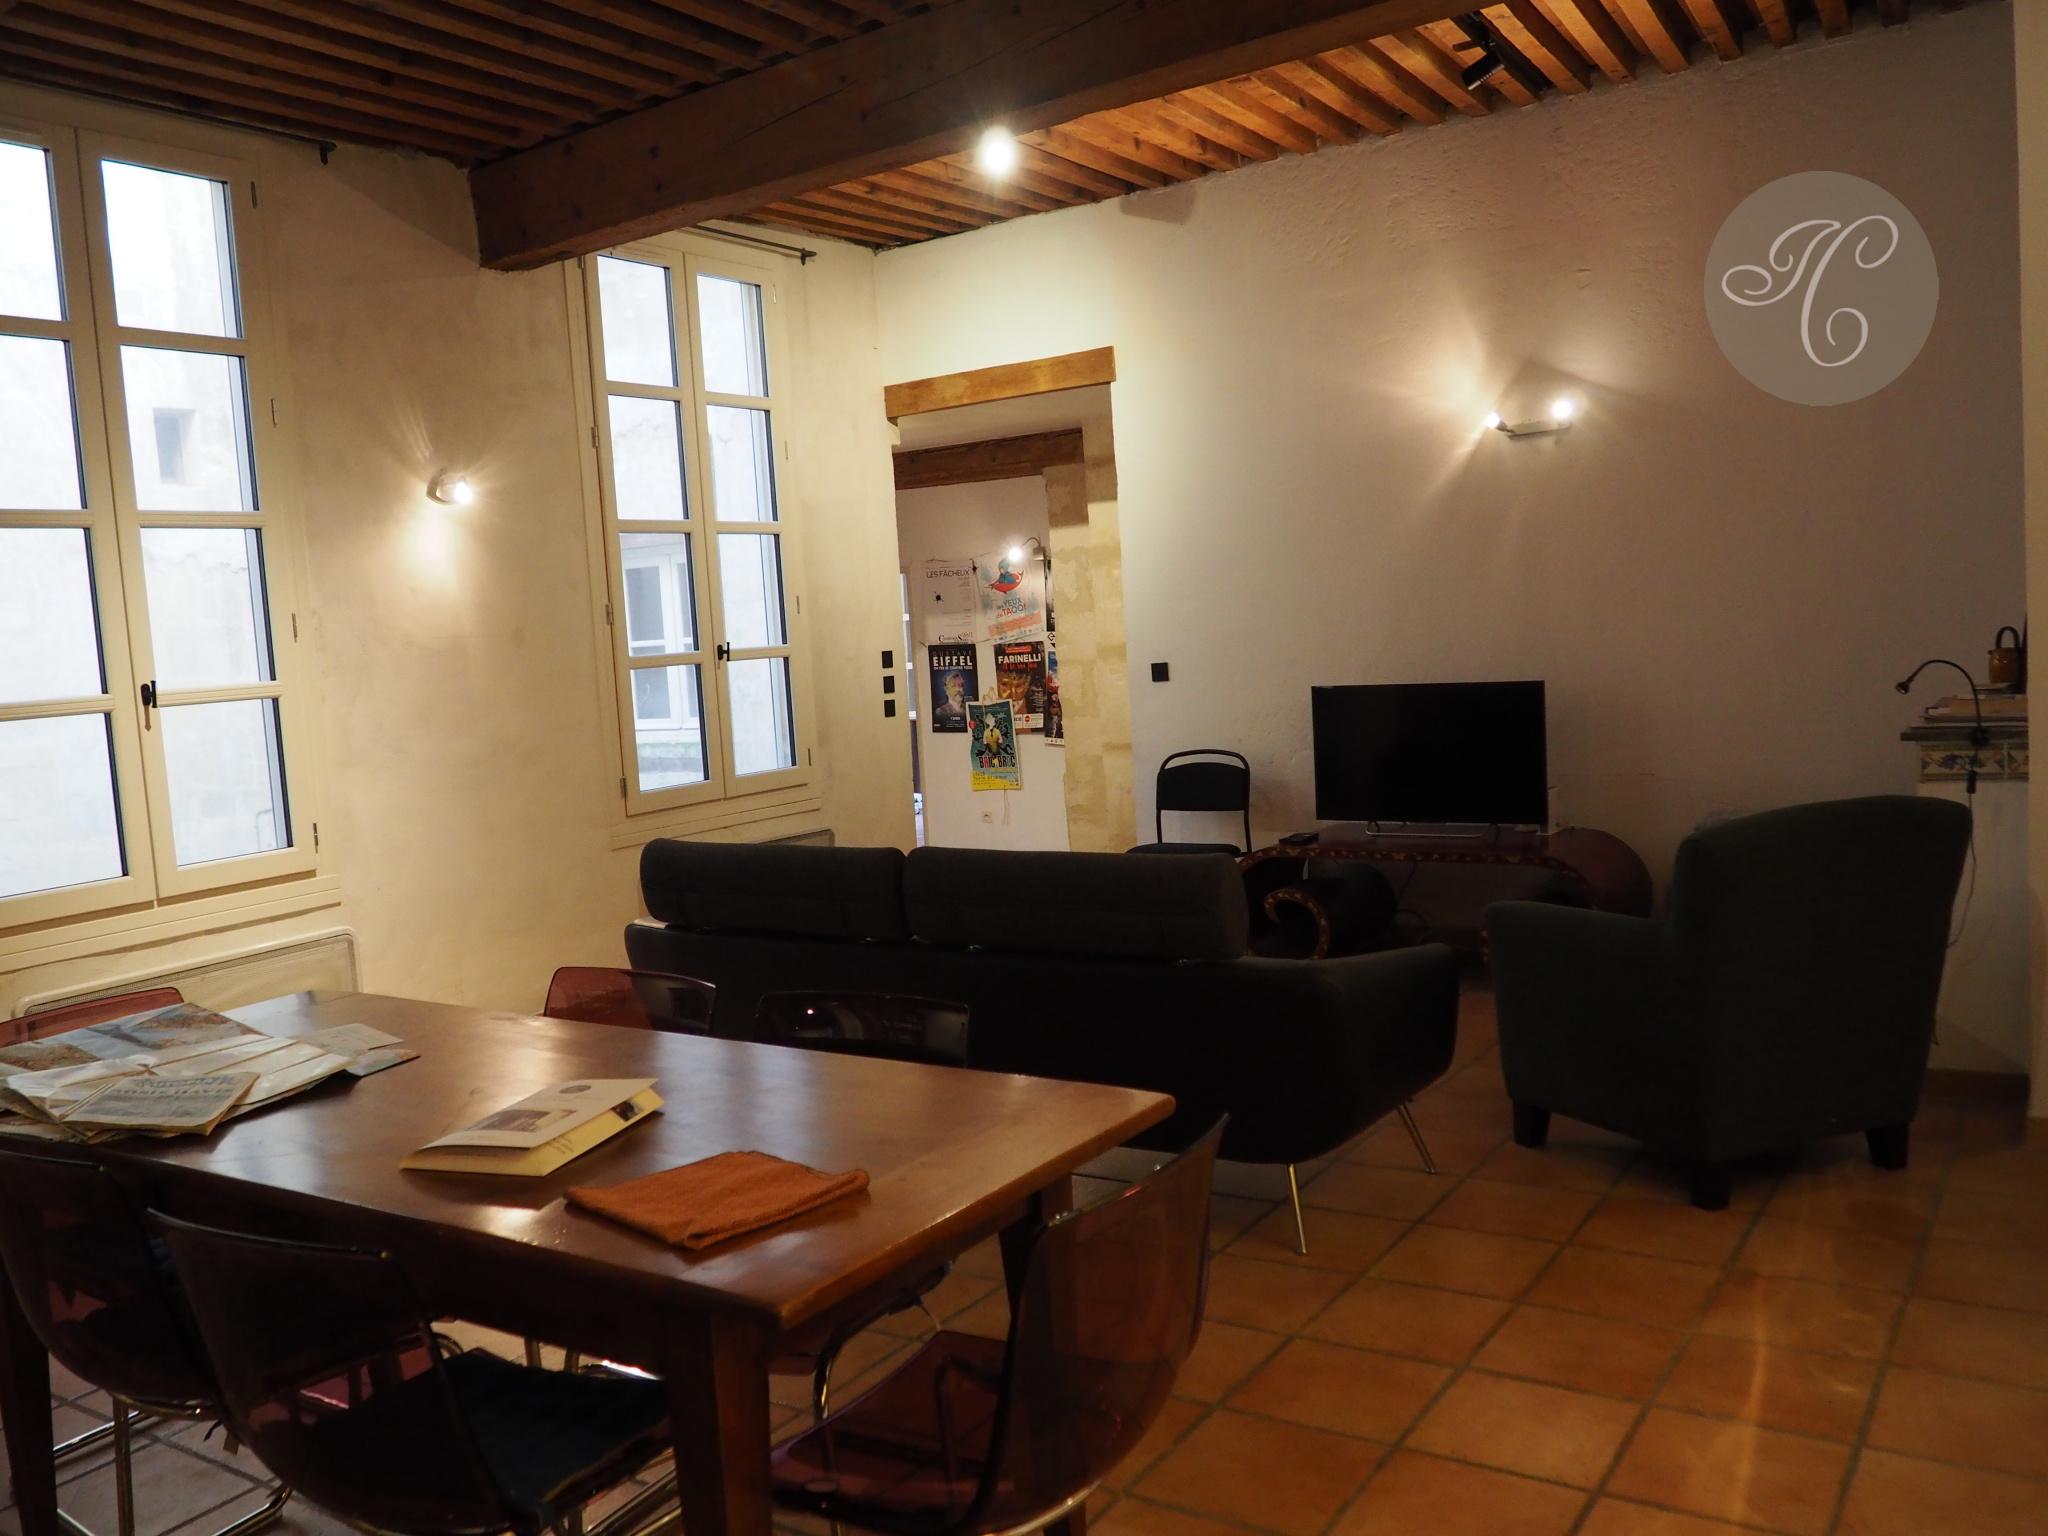 SALON de 50 m2 avec cheminée